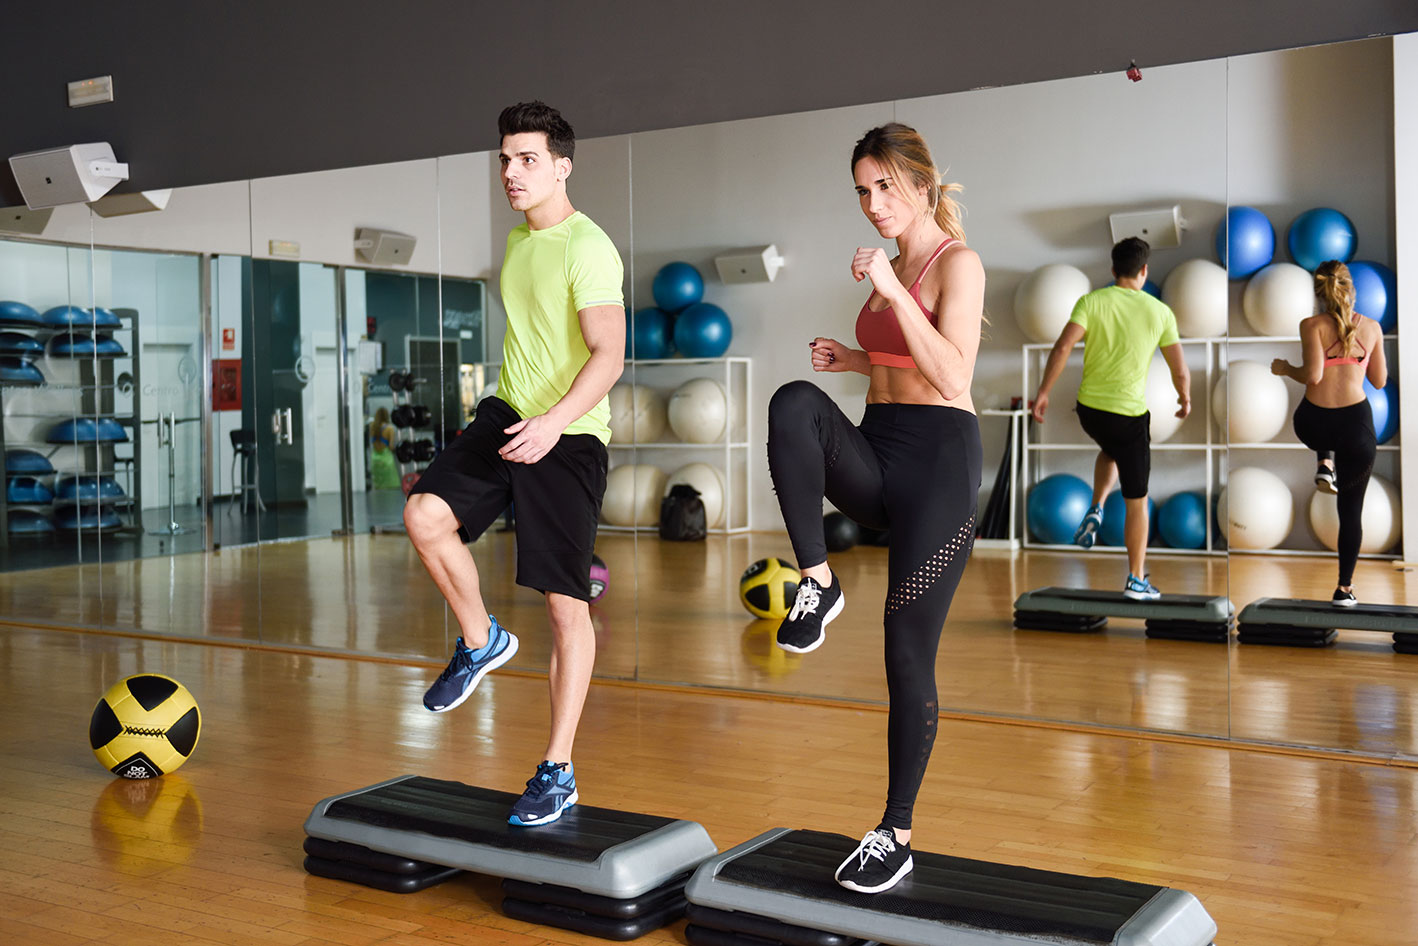 Виды Тренинга Для Похудения. Фитнес тренировки для похудения: силовые, кардио, интервальные, ЕМС, табата, анаэробные